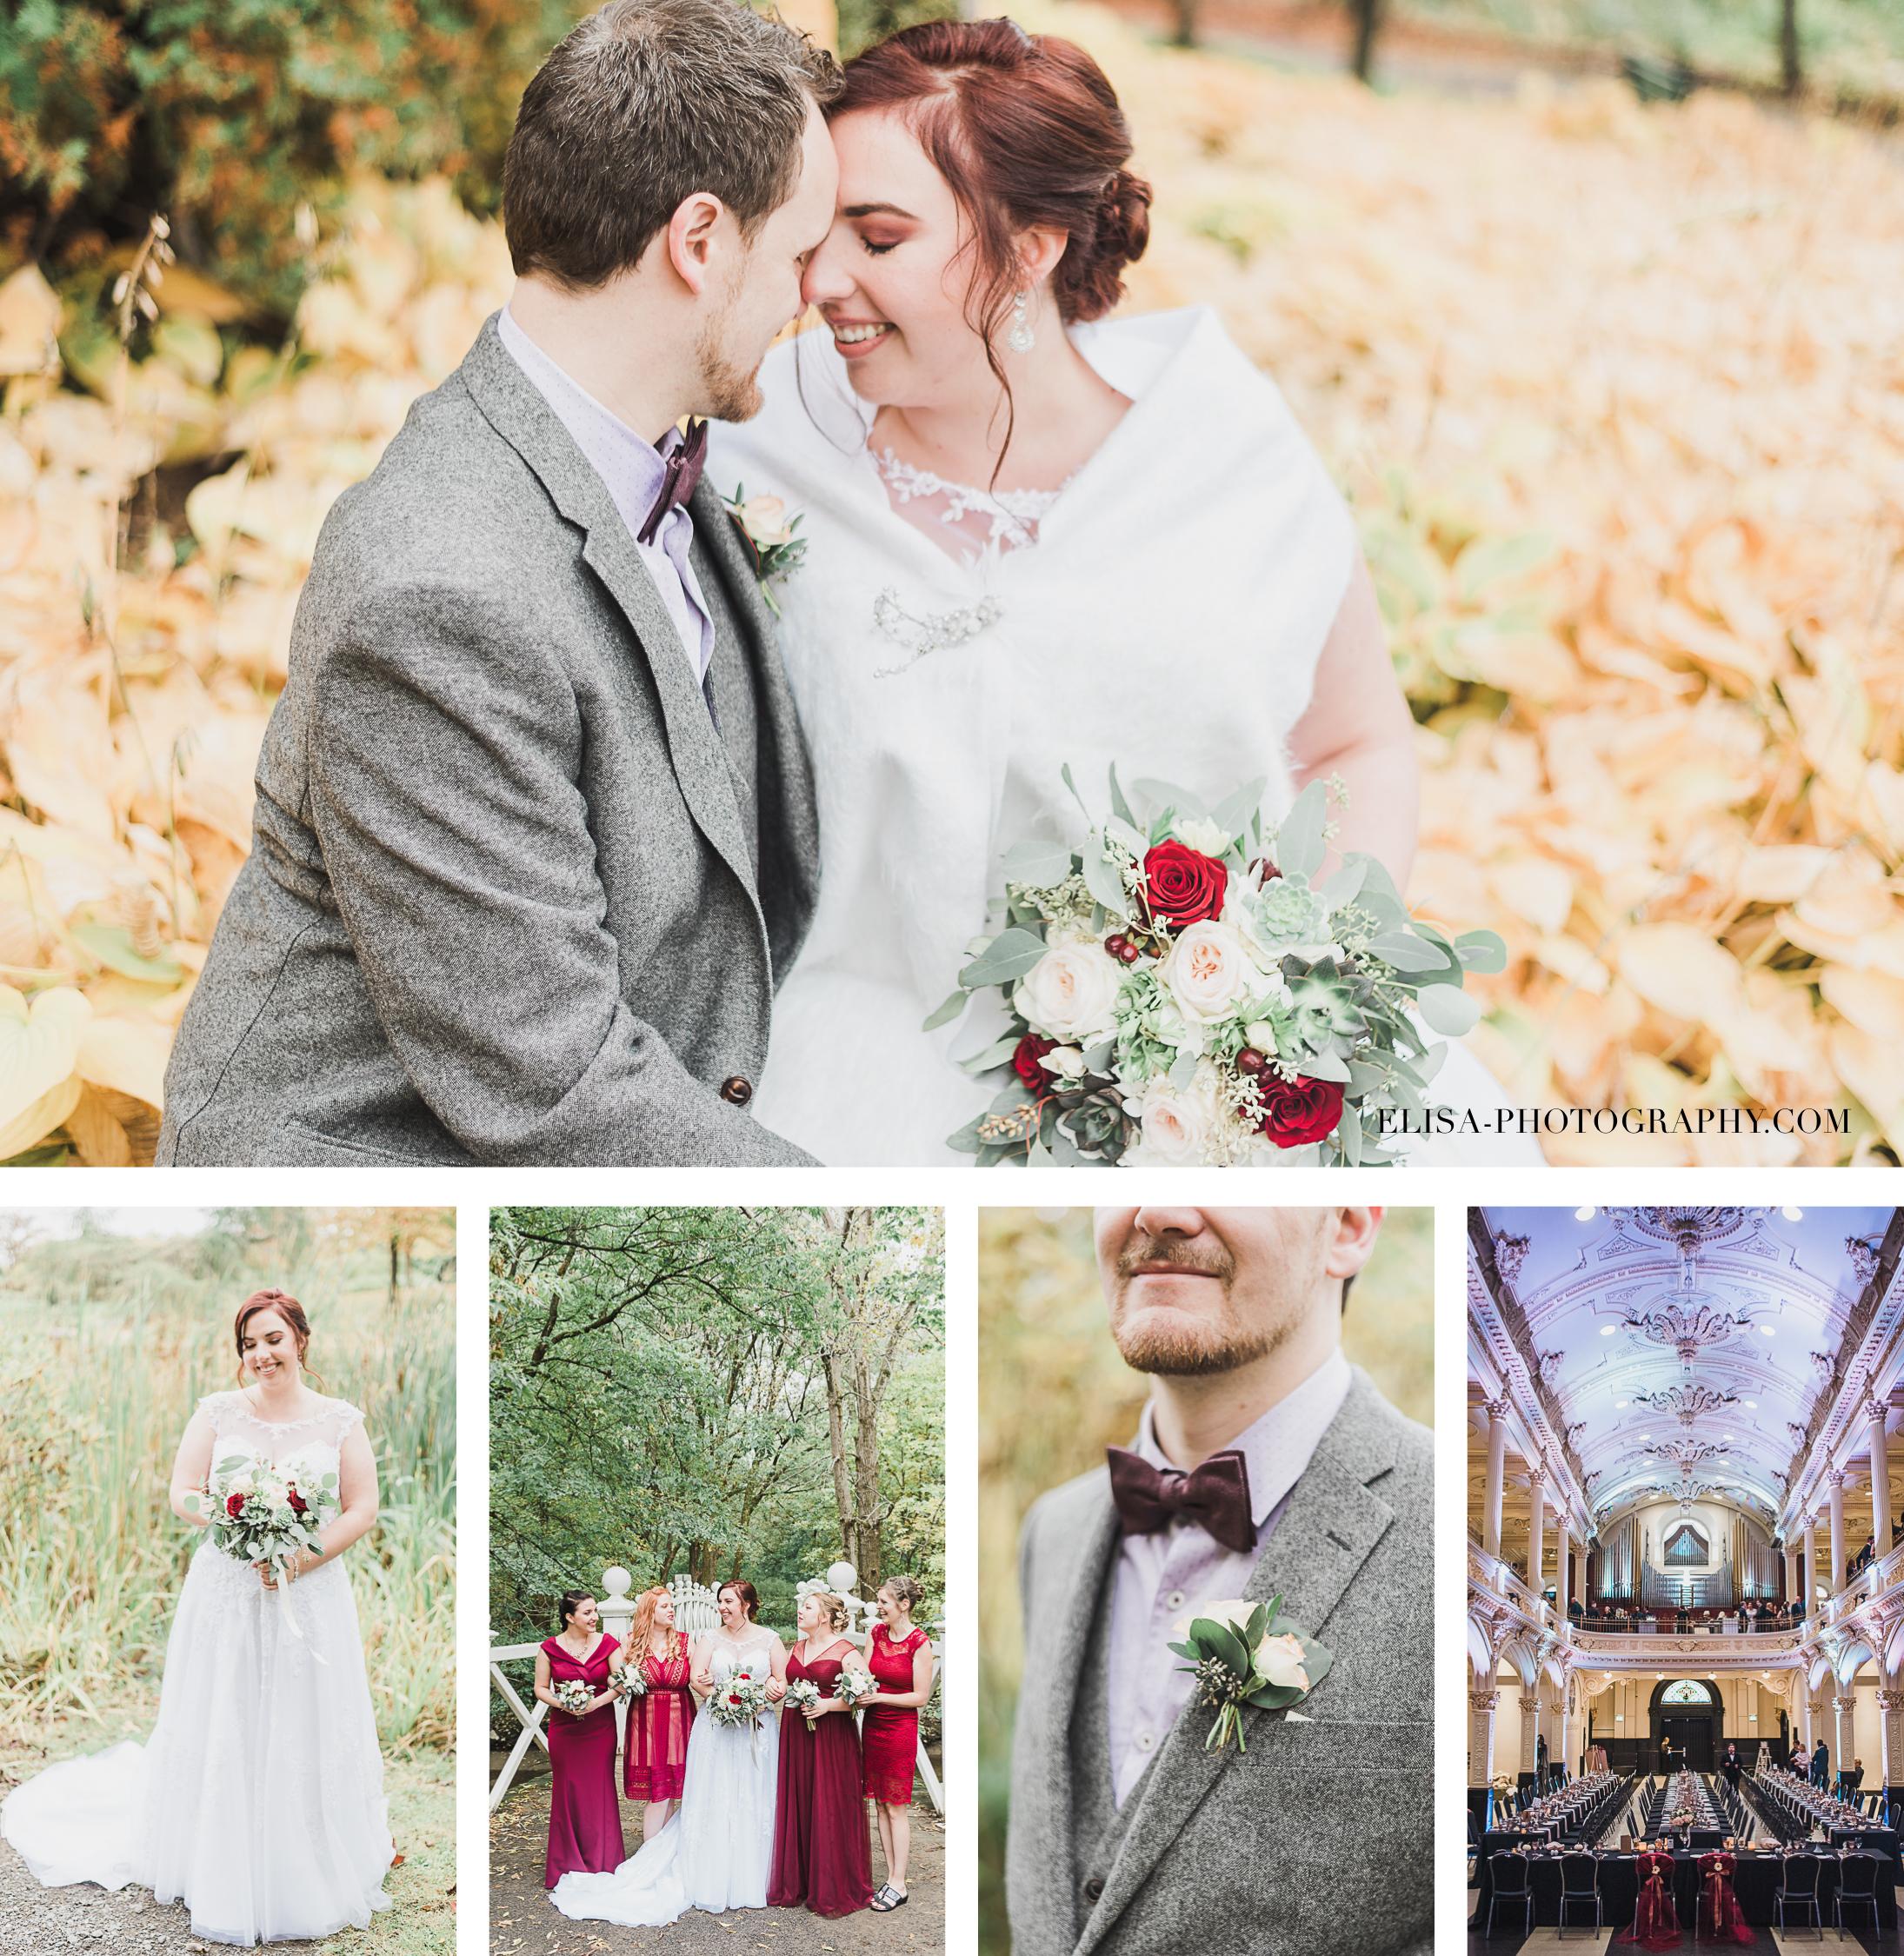 photos de mariage a Quebec au domaine Maizeret et l'espace saint-Gregoire en automne au couleur bourgogne marron et rouge